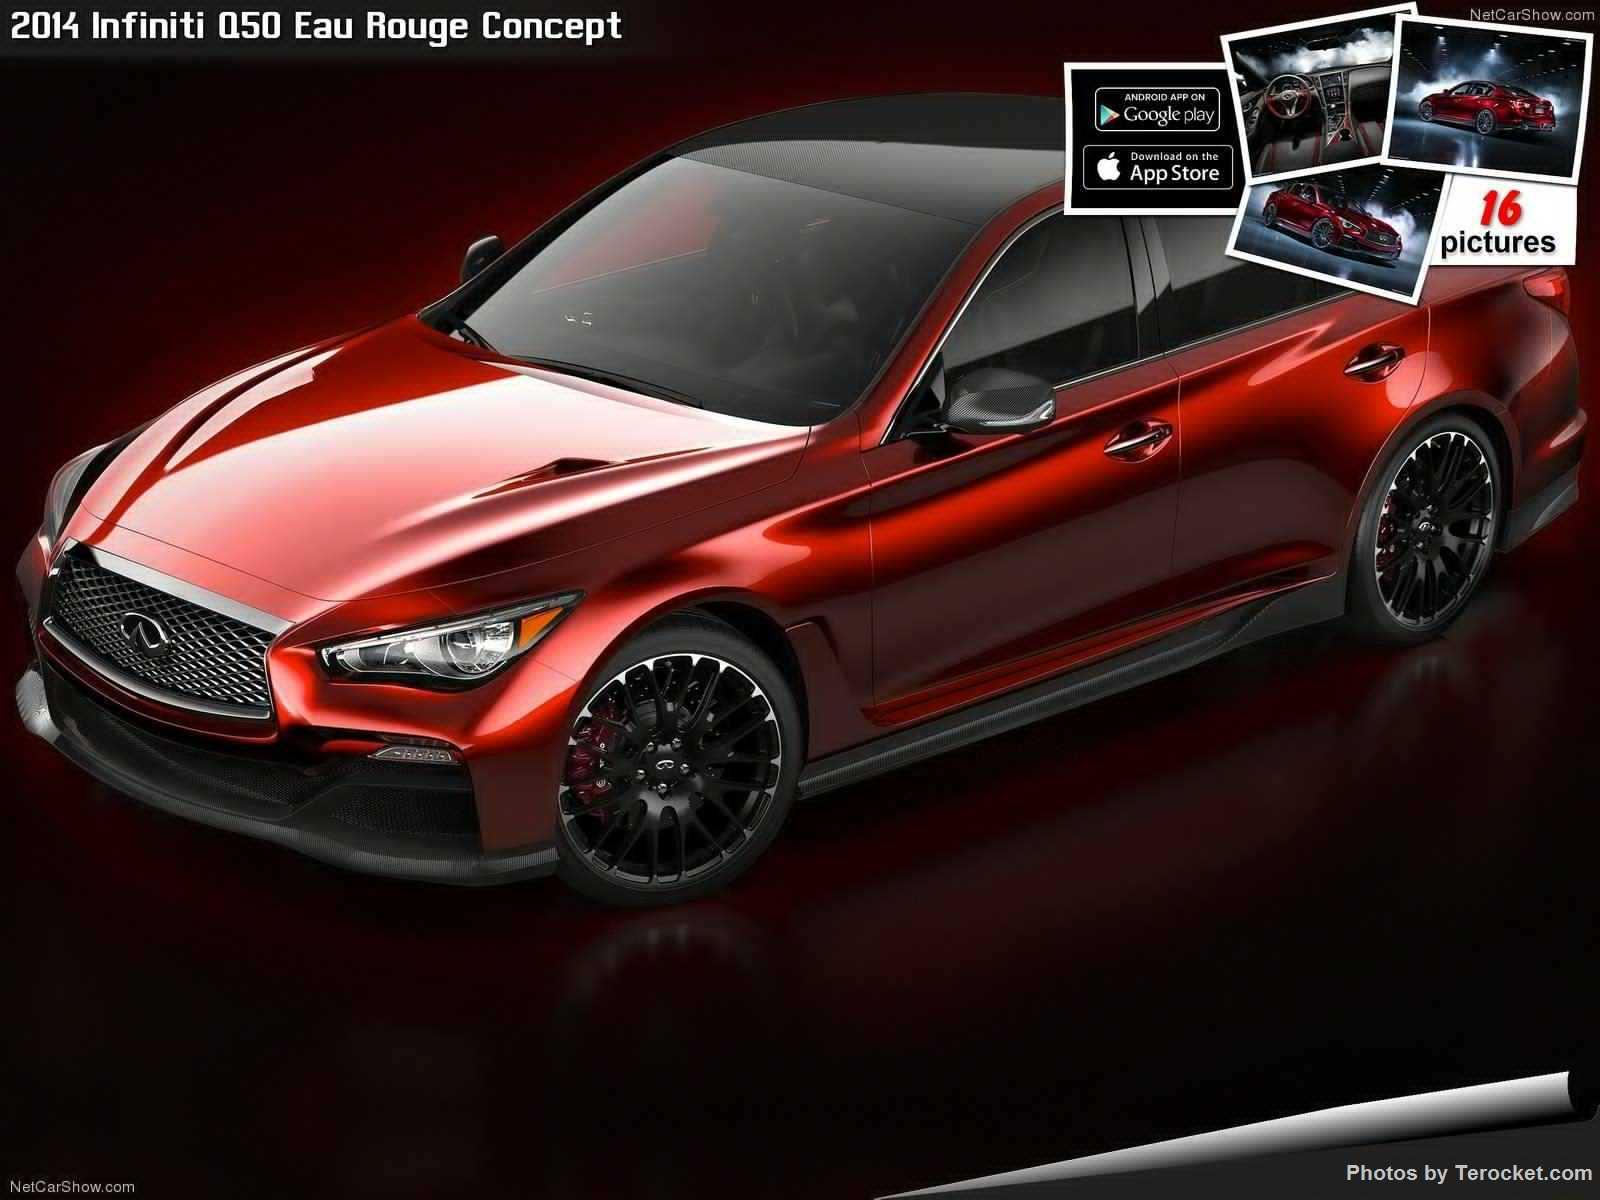 Hình ảnh xe ô tô Infiniti Q50 Eau Rouge Concept 2014 & nội ngoại thất